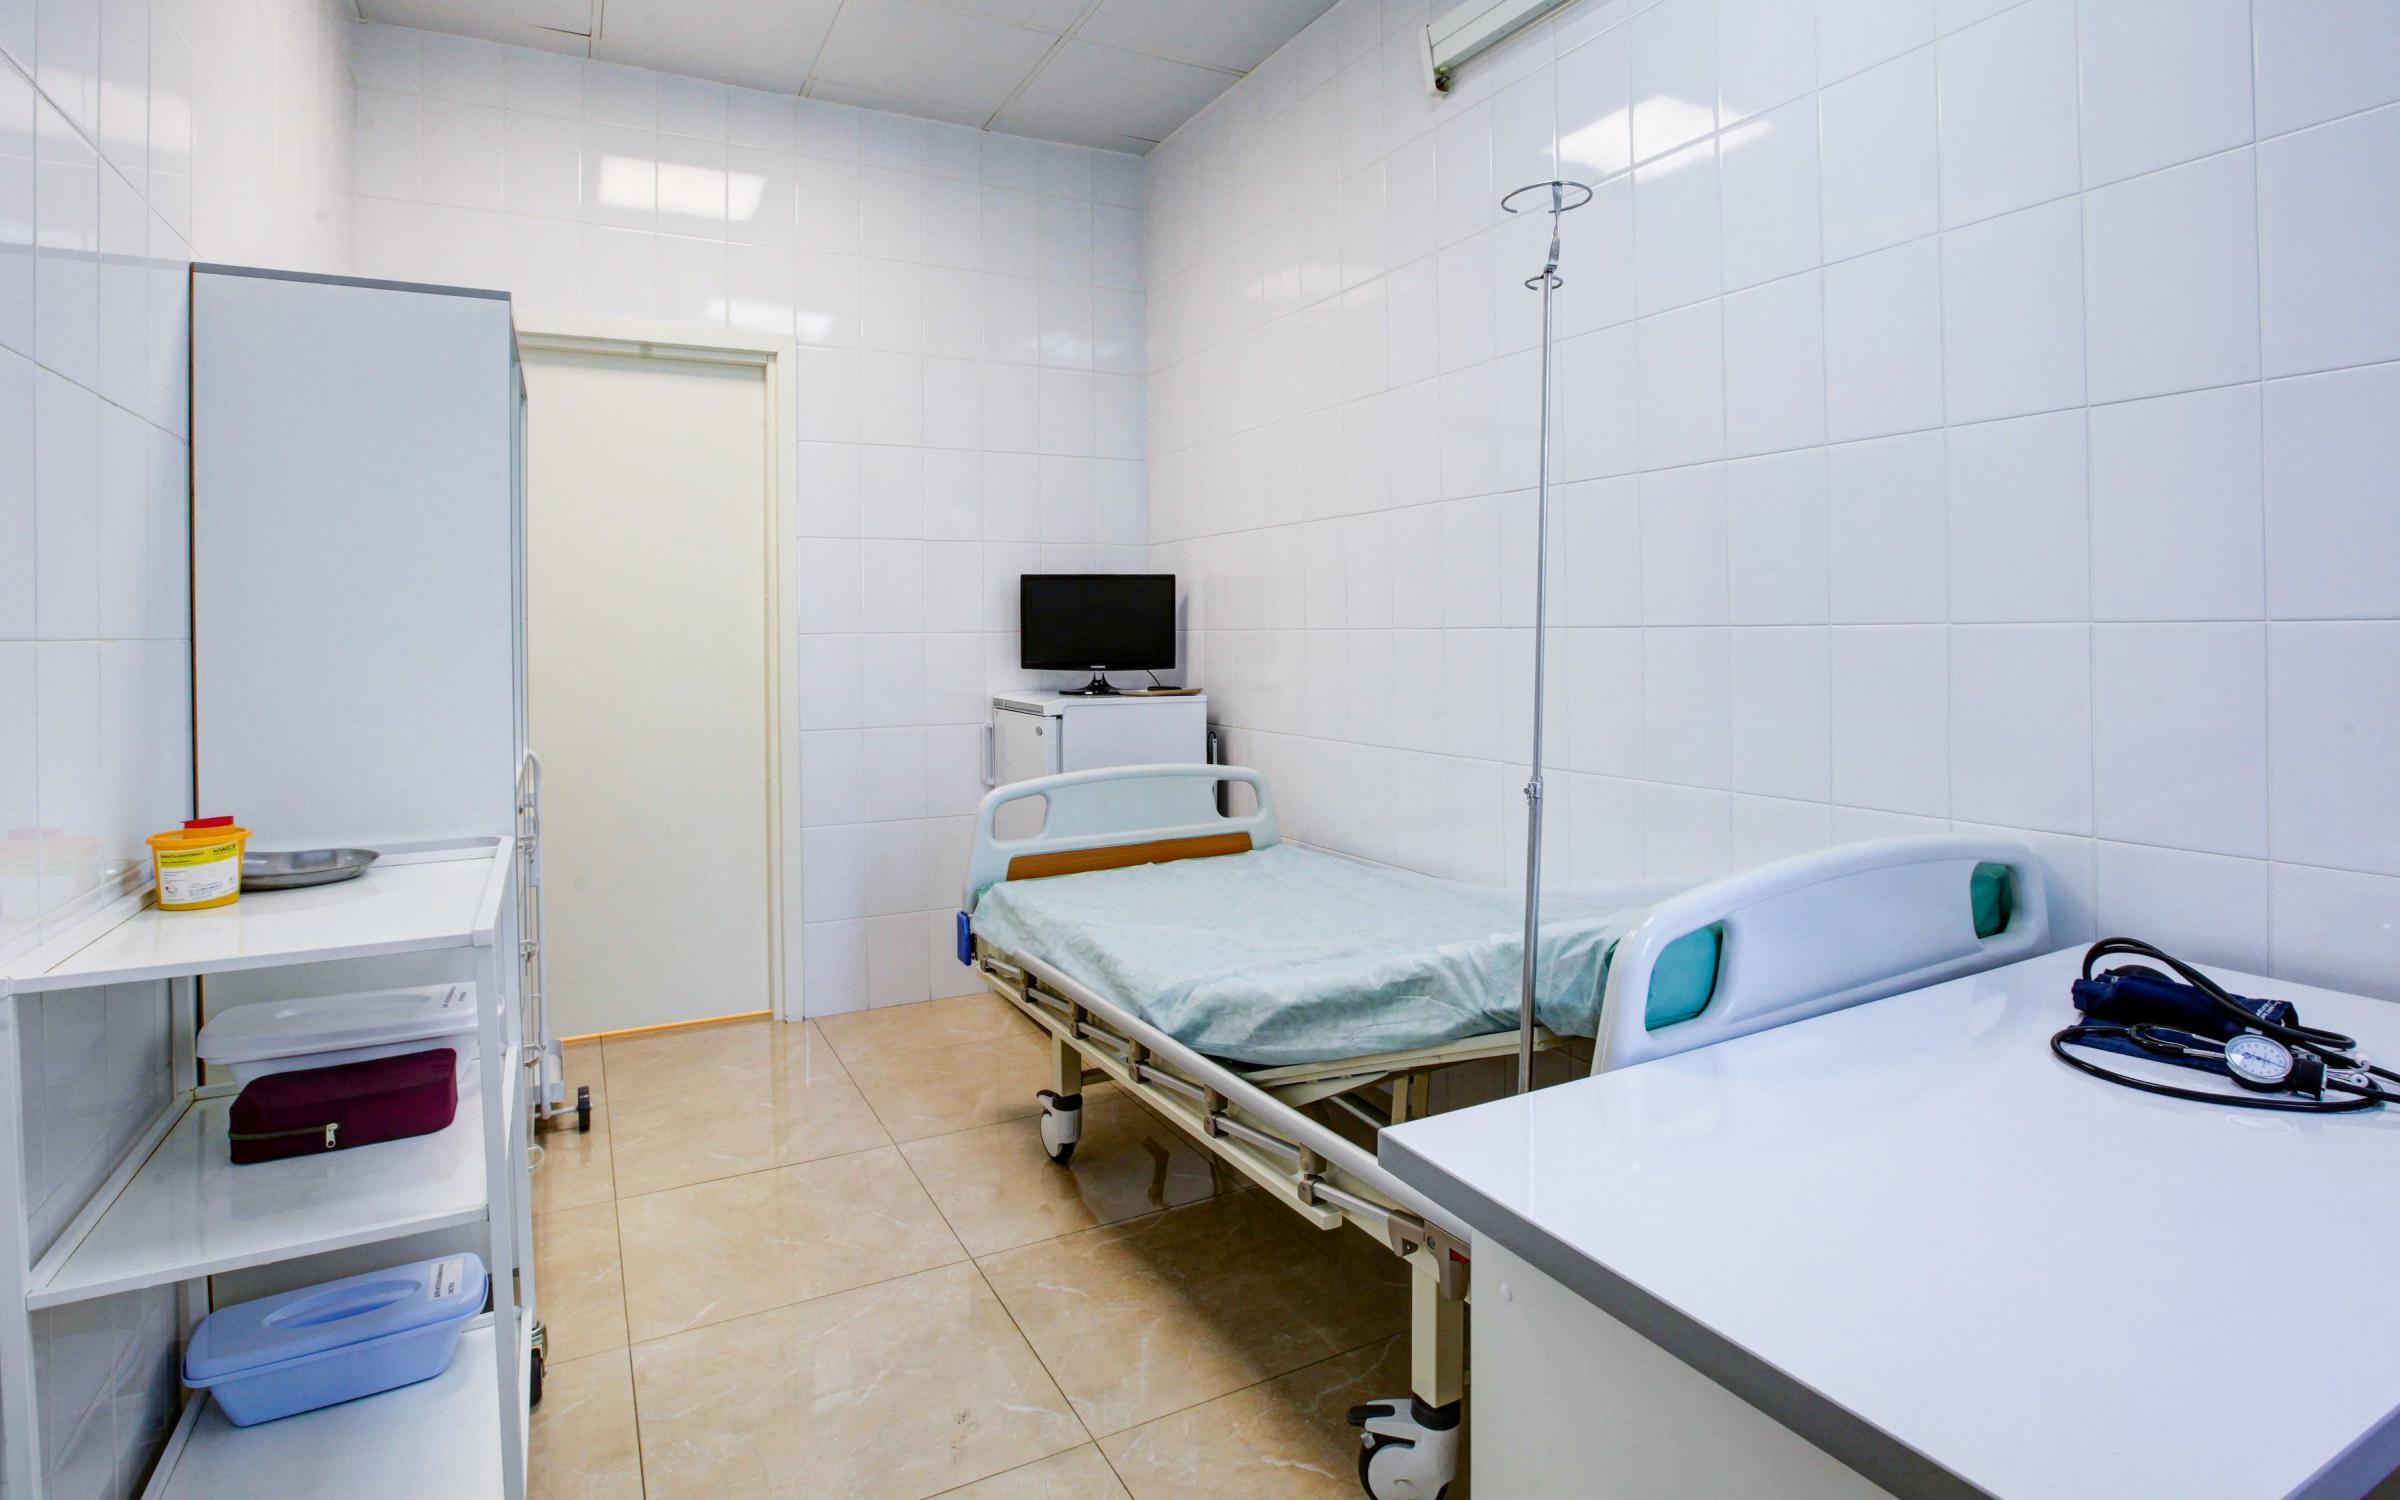 Реабилитационный центр для алкоголиков в Красноярске. Как это устроено?